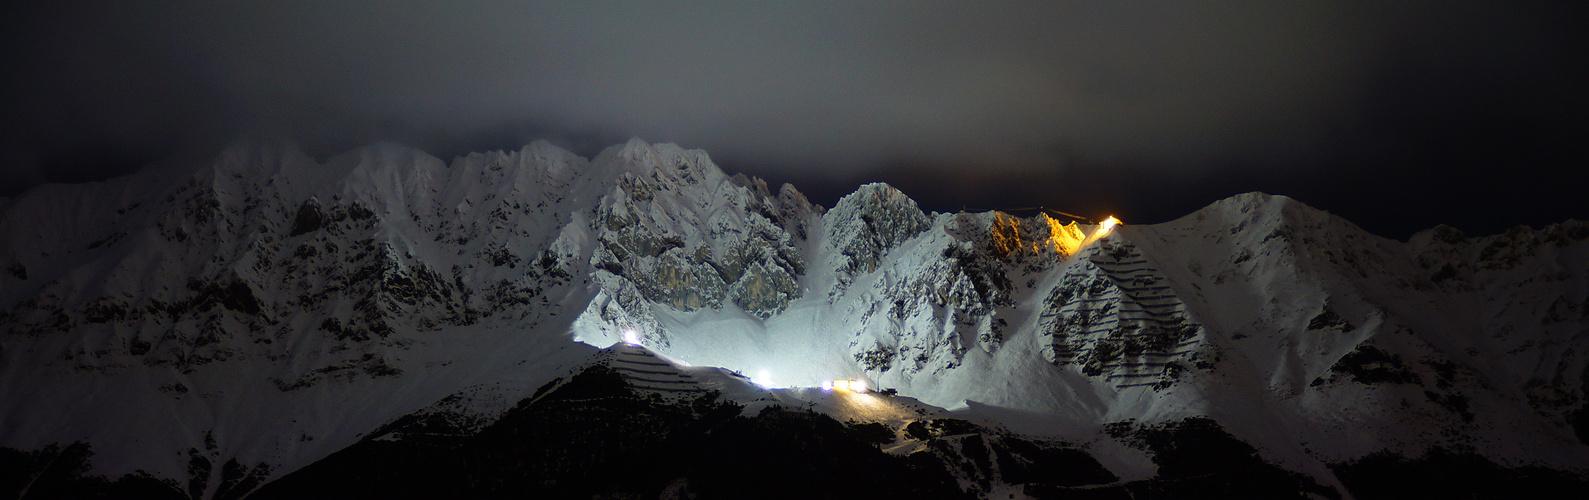 Seegrube bei Nacht